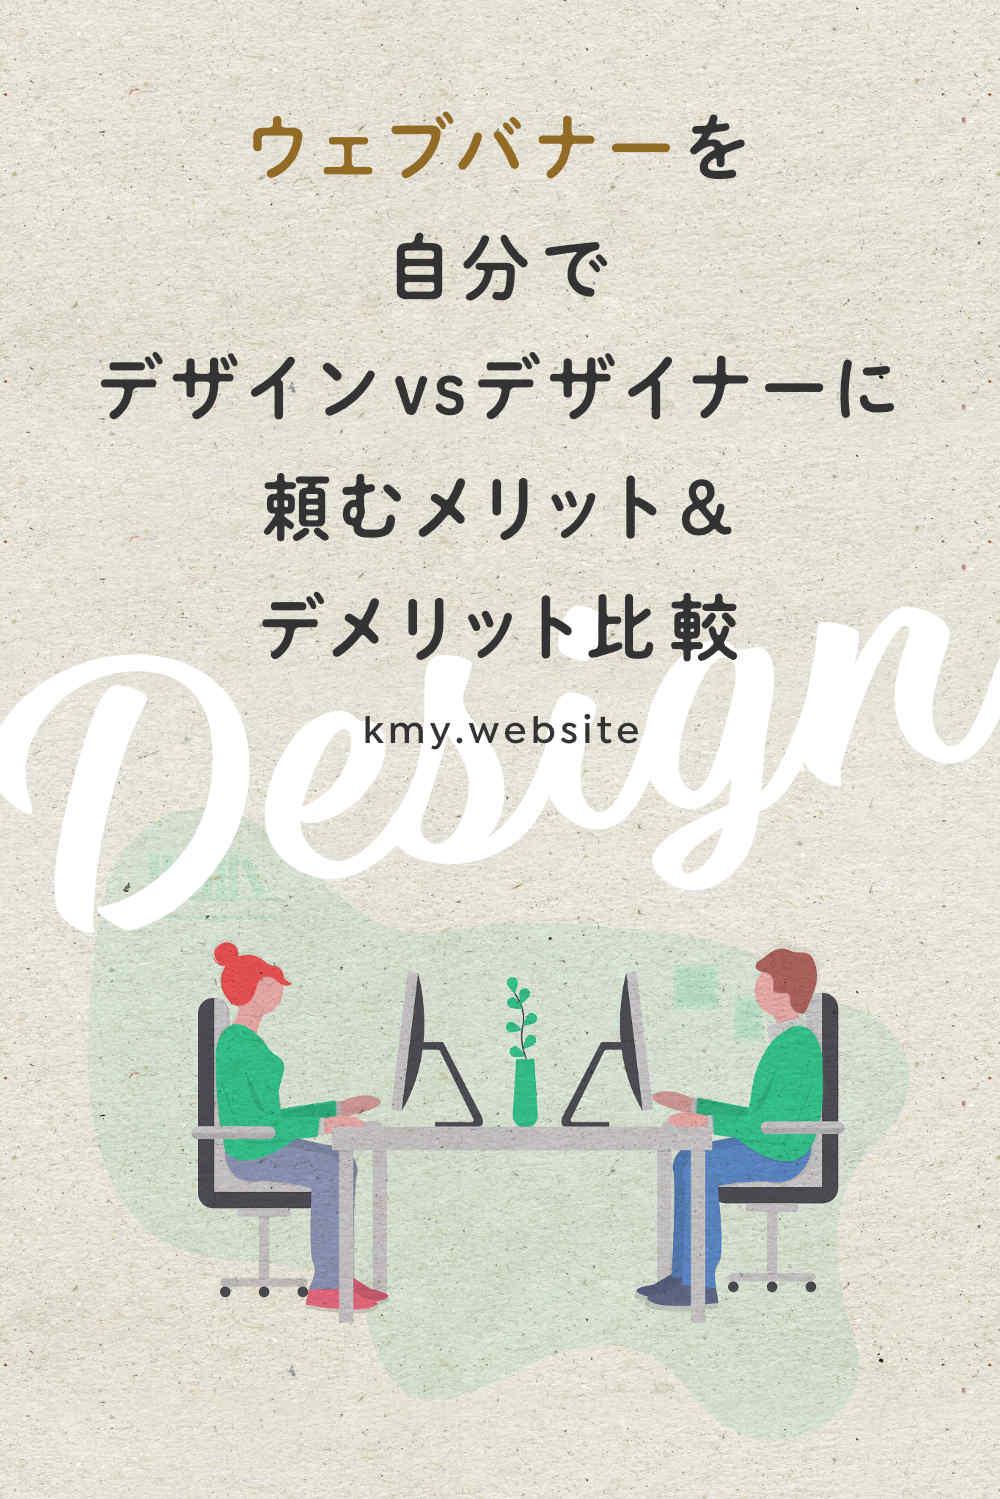 ウェブバナーを自分でデザインvsデザイナーに頼むメリット&デメリット比較